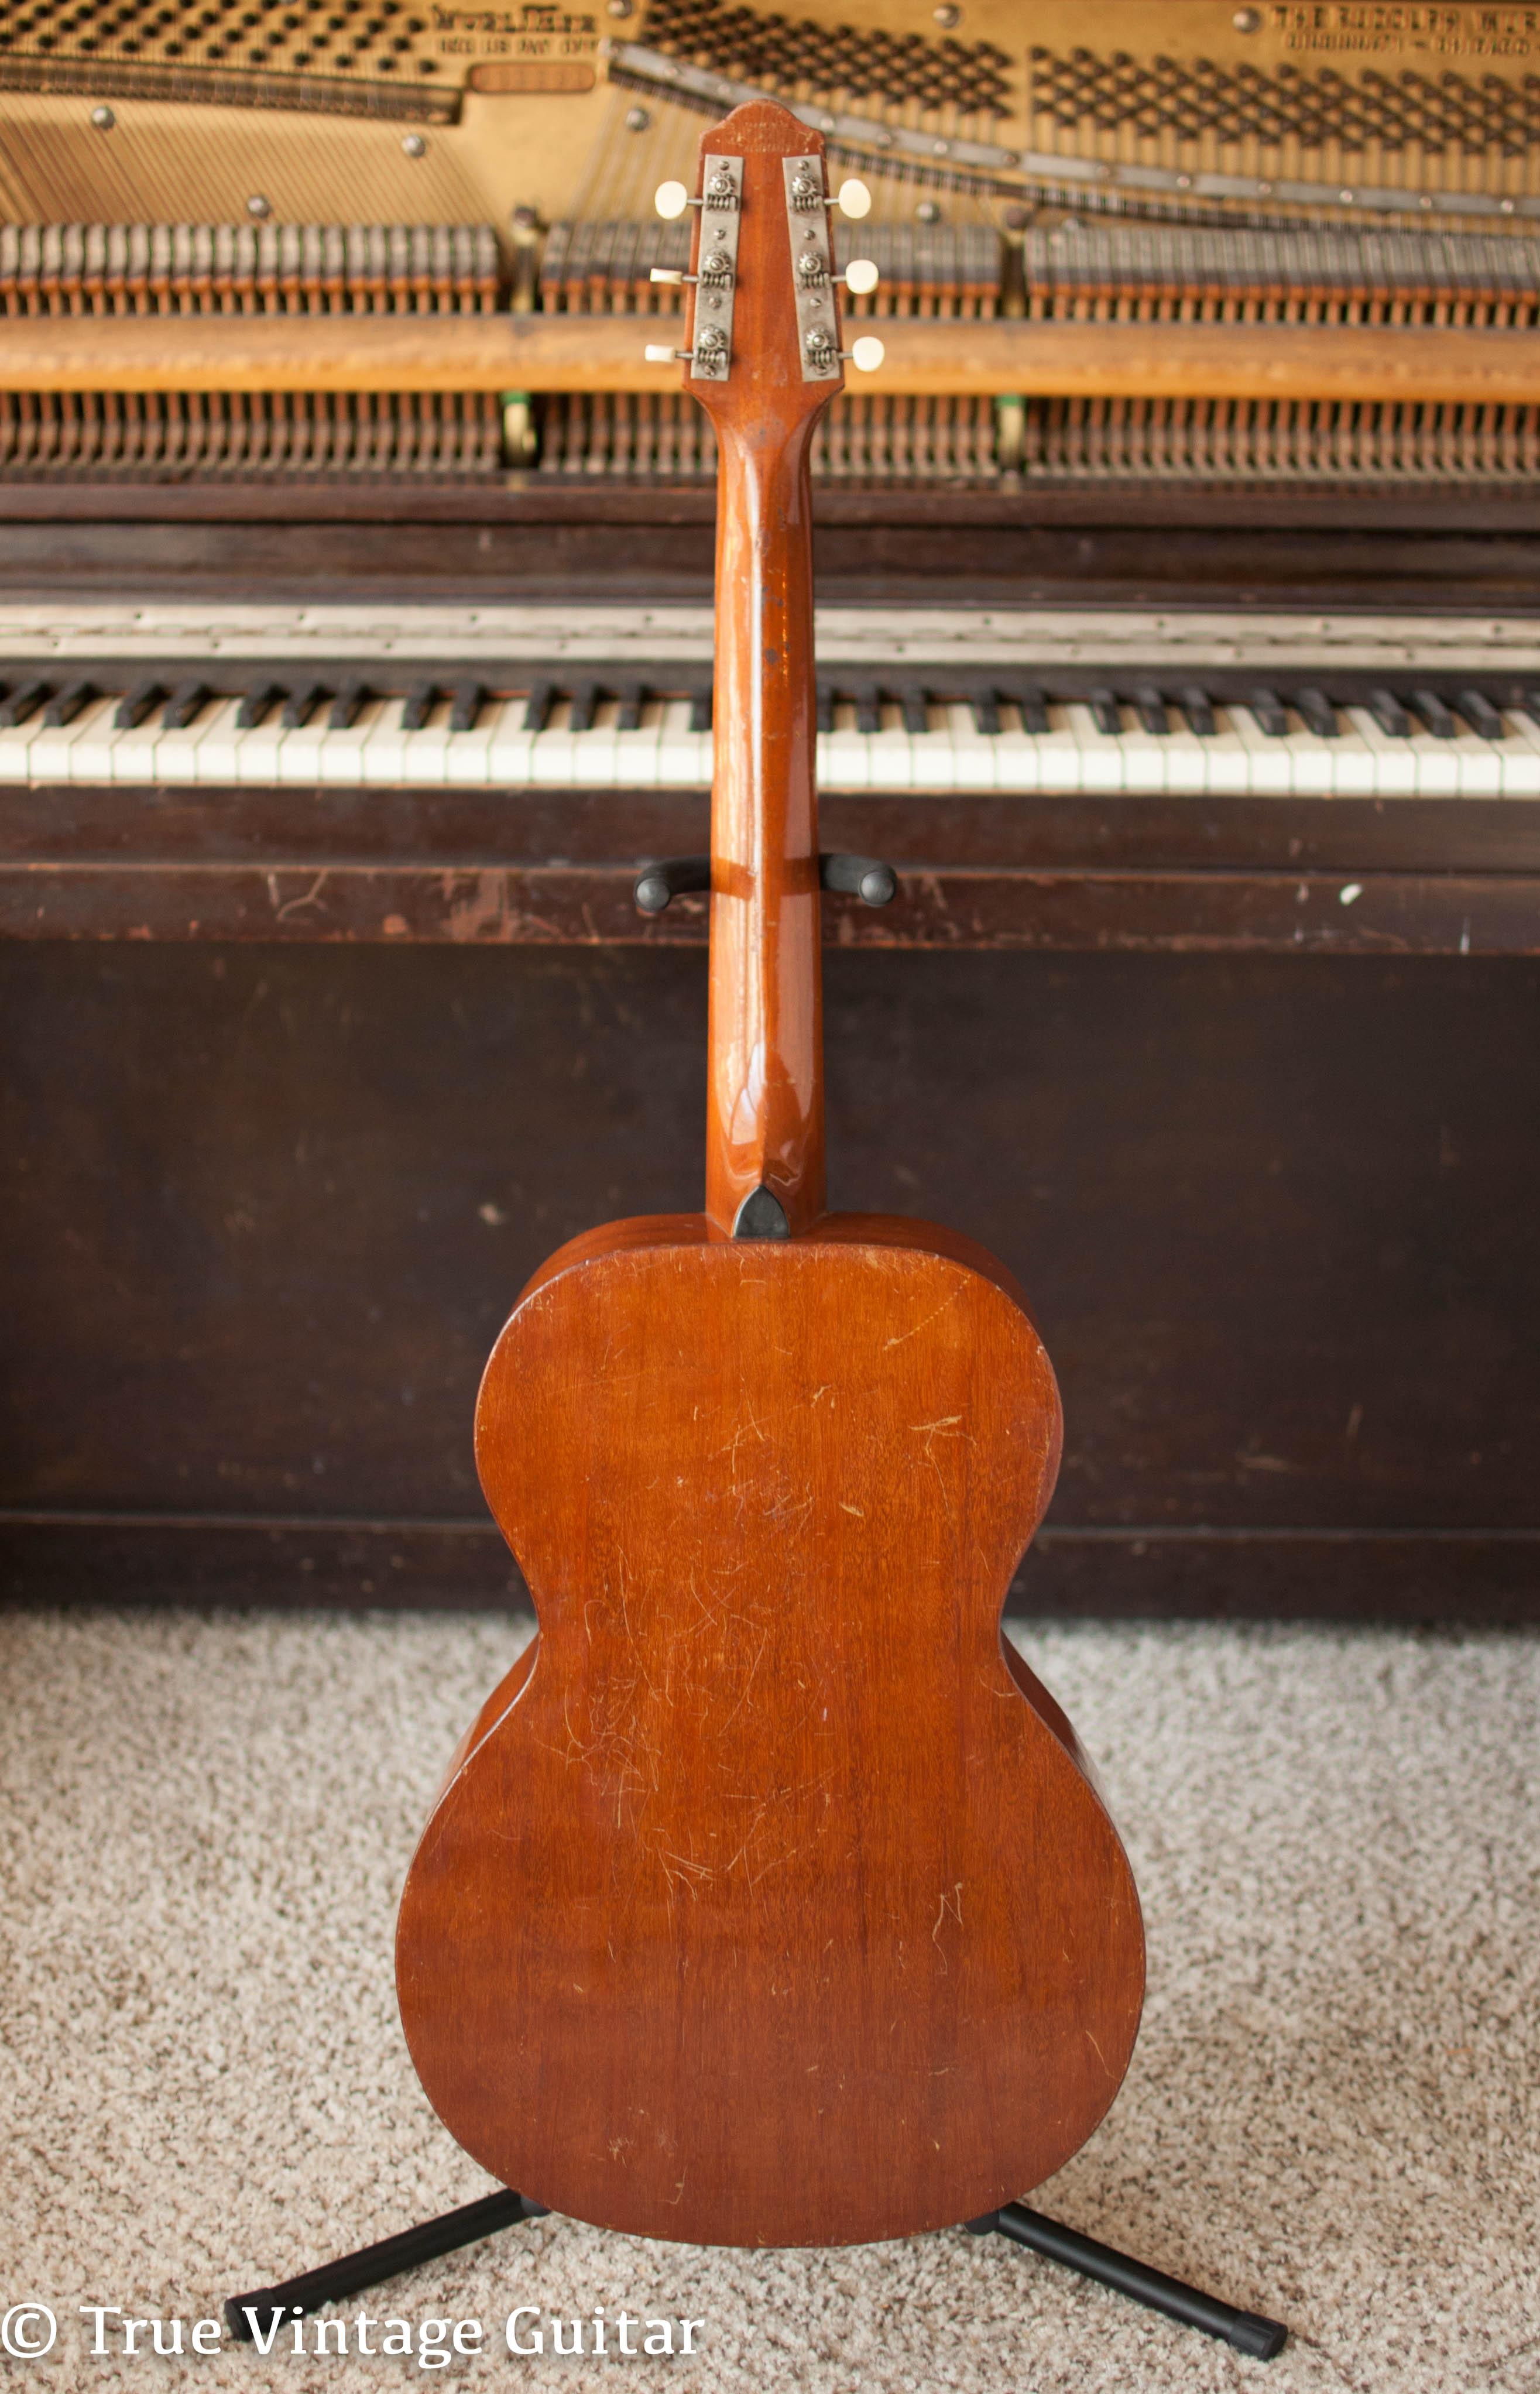 epiphone seville model 0 1930 guitar for sale true vintage guitar. Black Bedroom Furniture Sets. Home Design Ideas